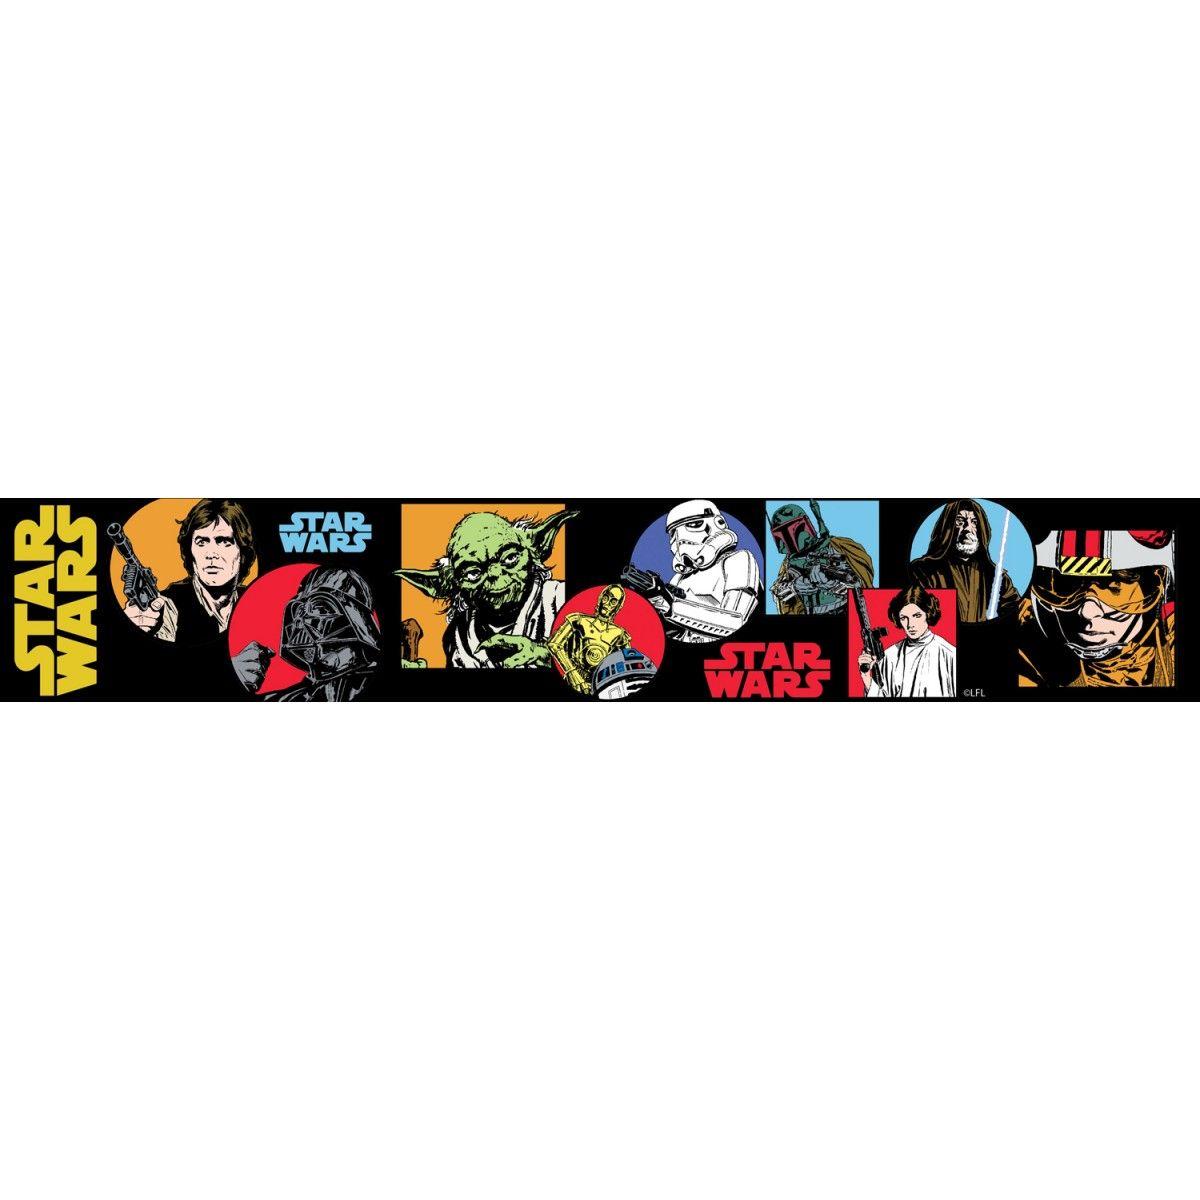 Star Wars Cartoon Self Adhesive Wallpaper Border 5m Star Wars Cartoon Star Wars Wallpaper Star Wars Tattoo